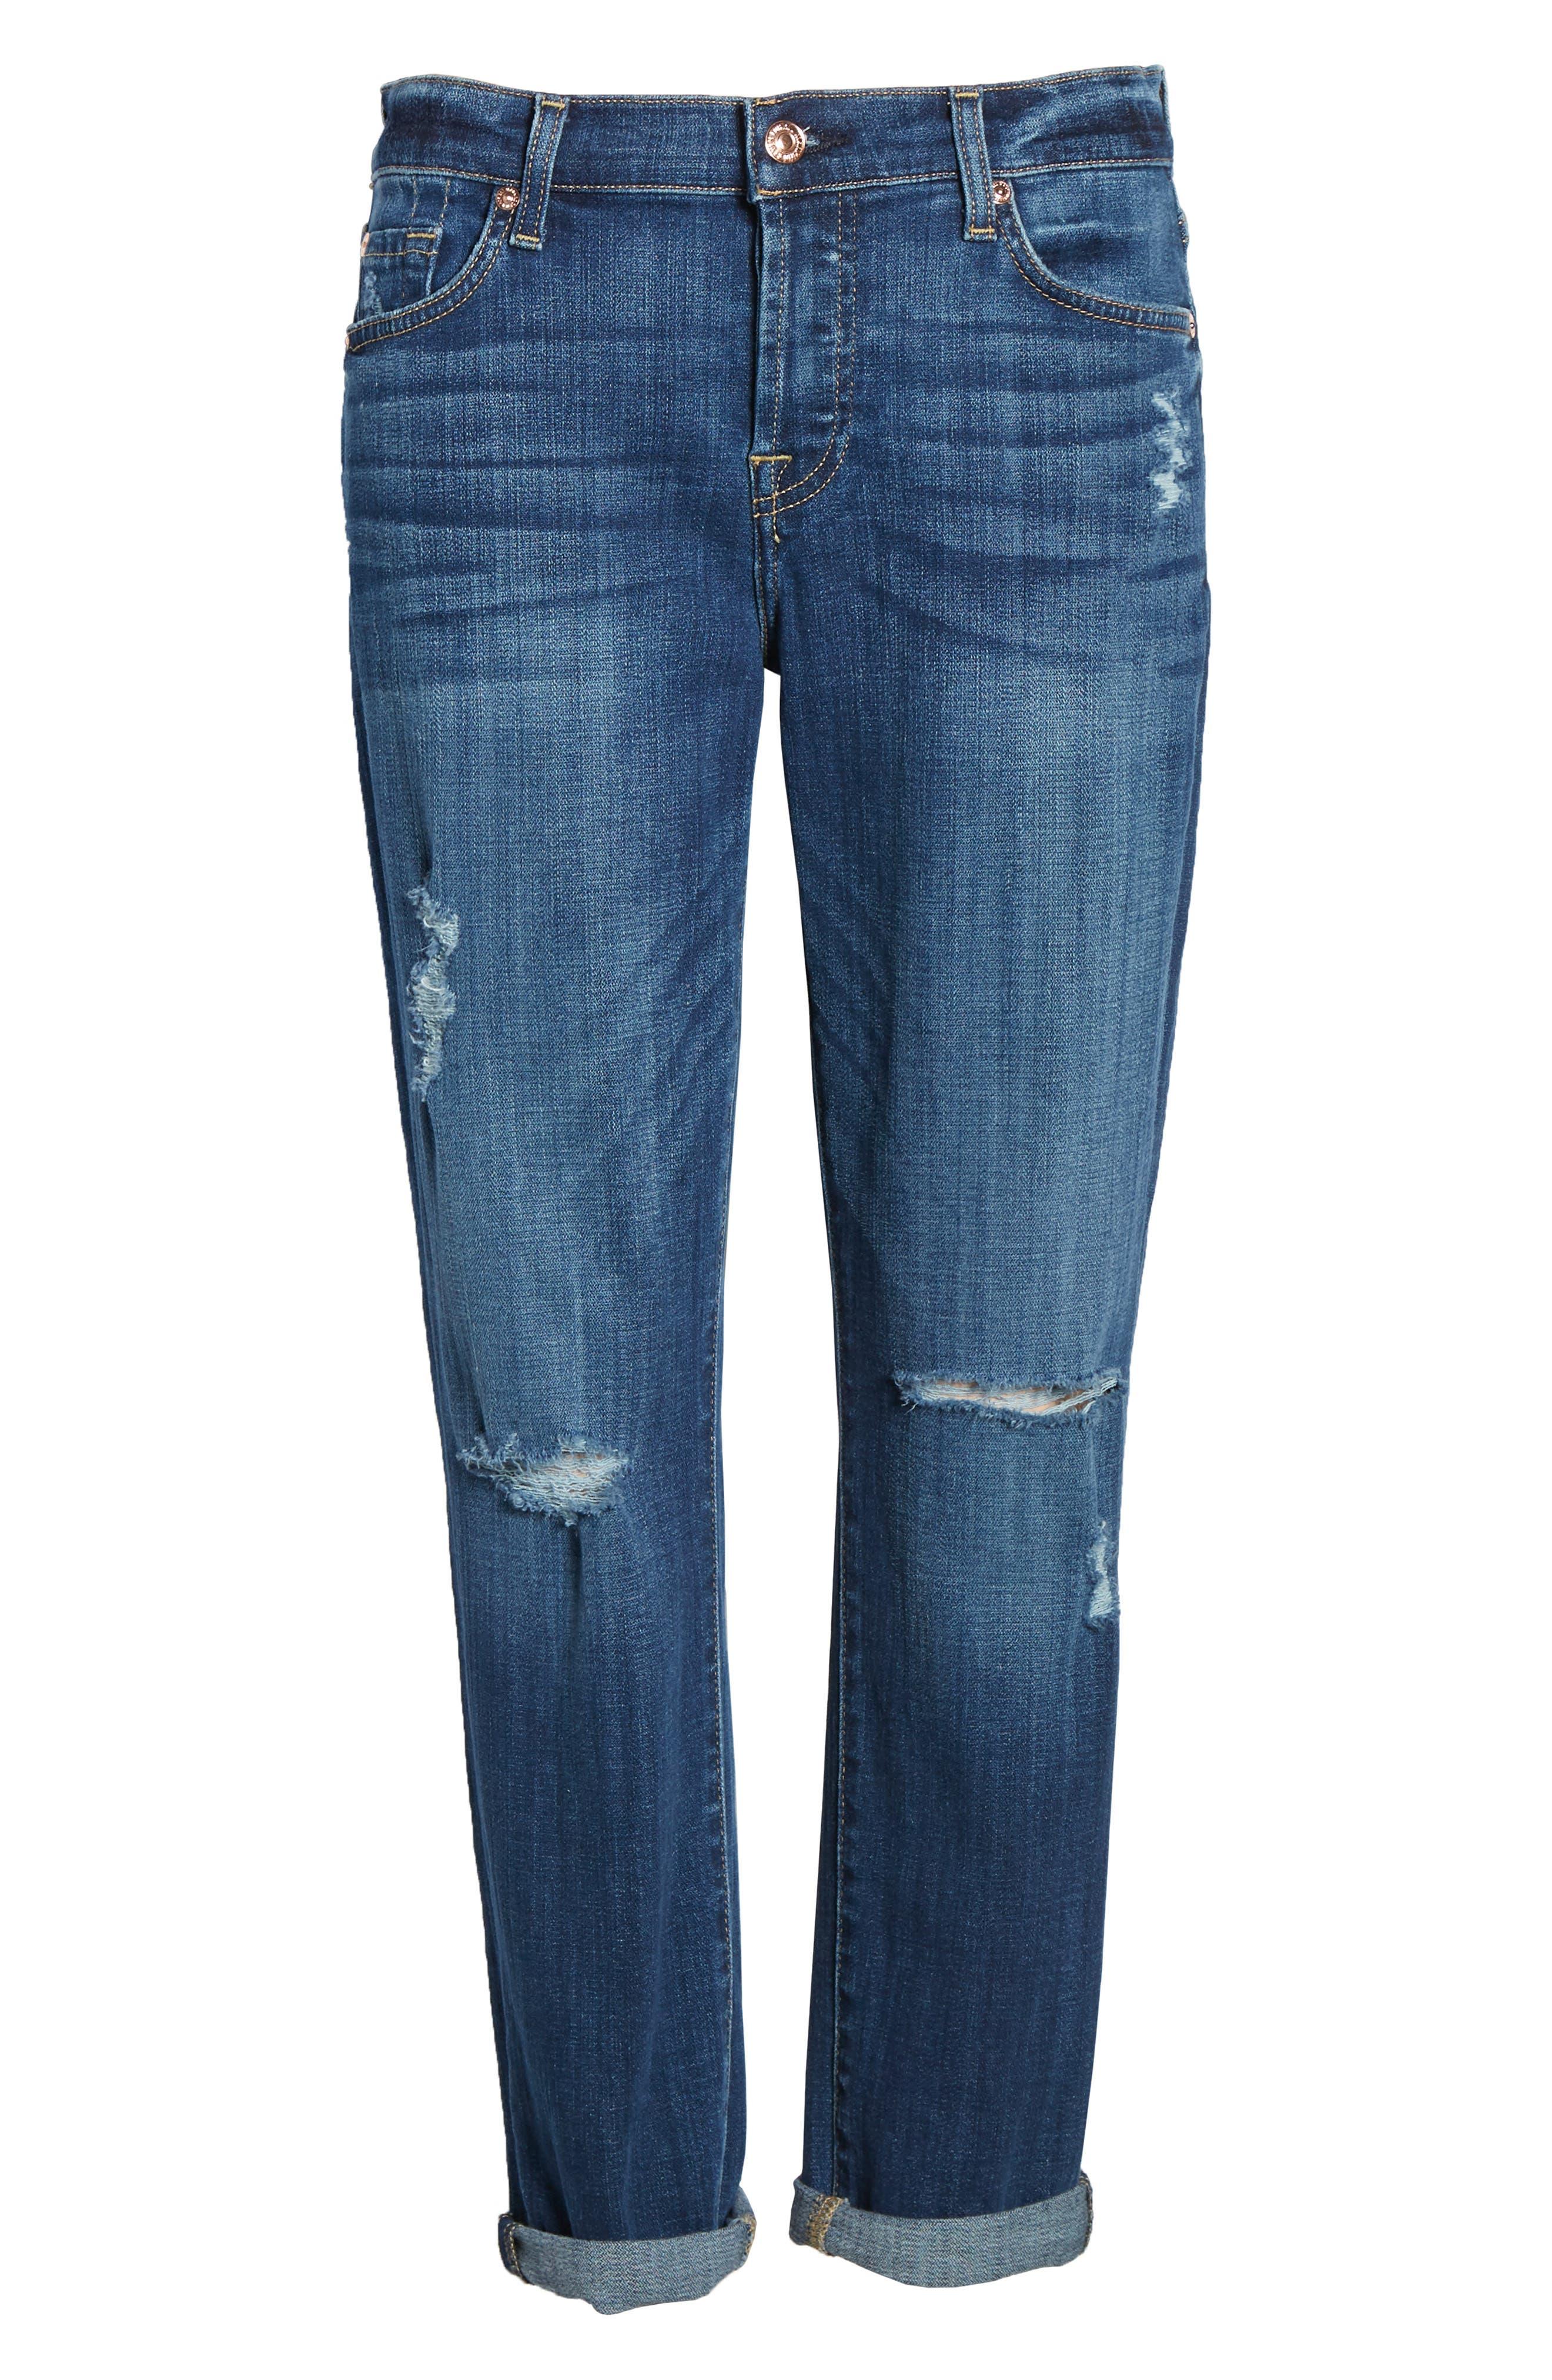 Josefina Boyfriend Jeans,                             Alternate thumbnail 6, color,                             BROKEN TWILL VANITY W/ DESTROY